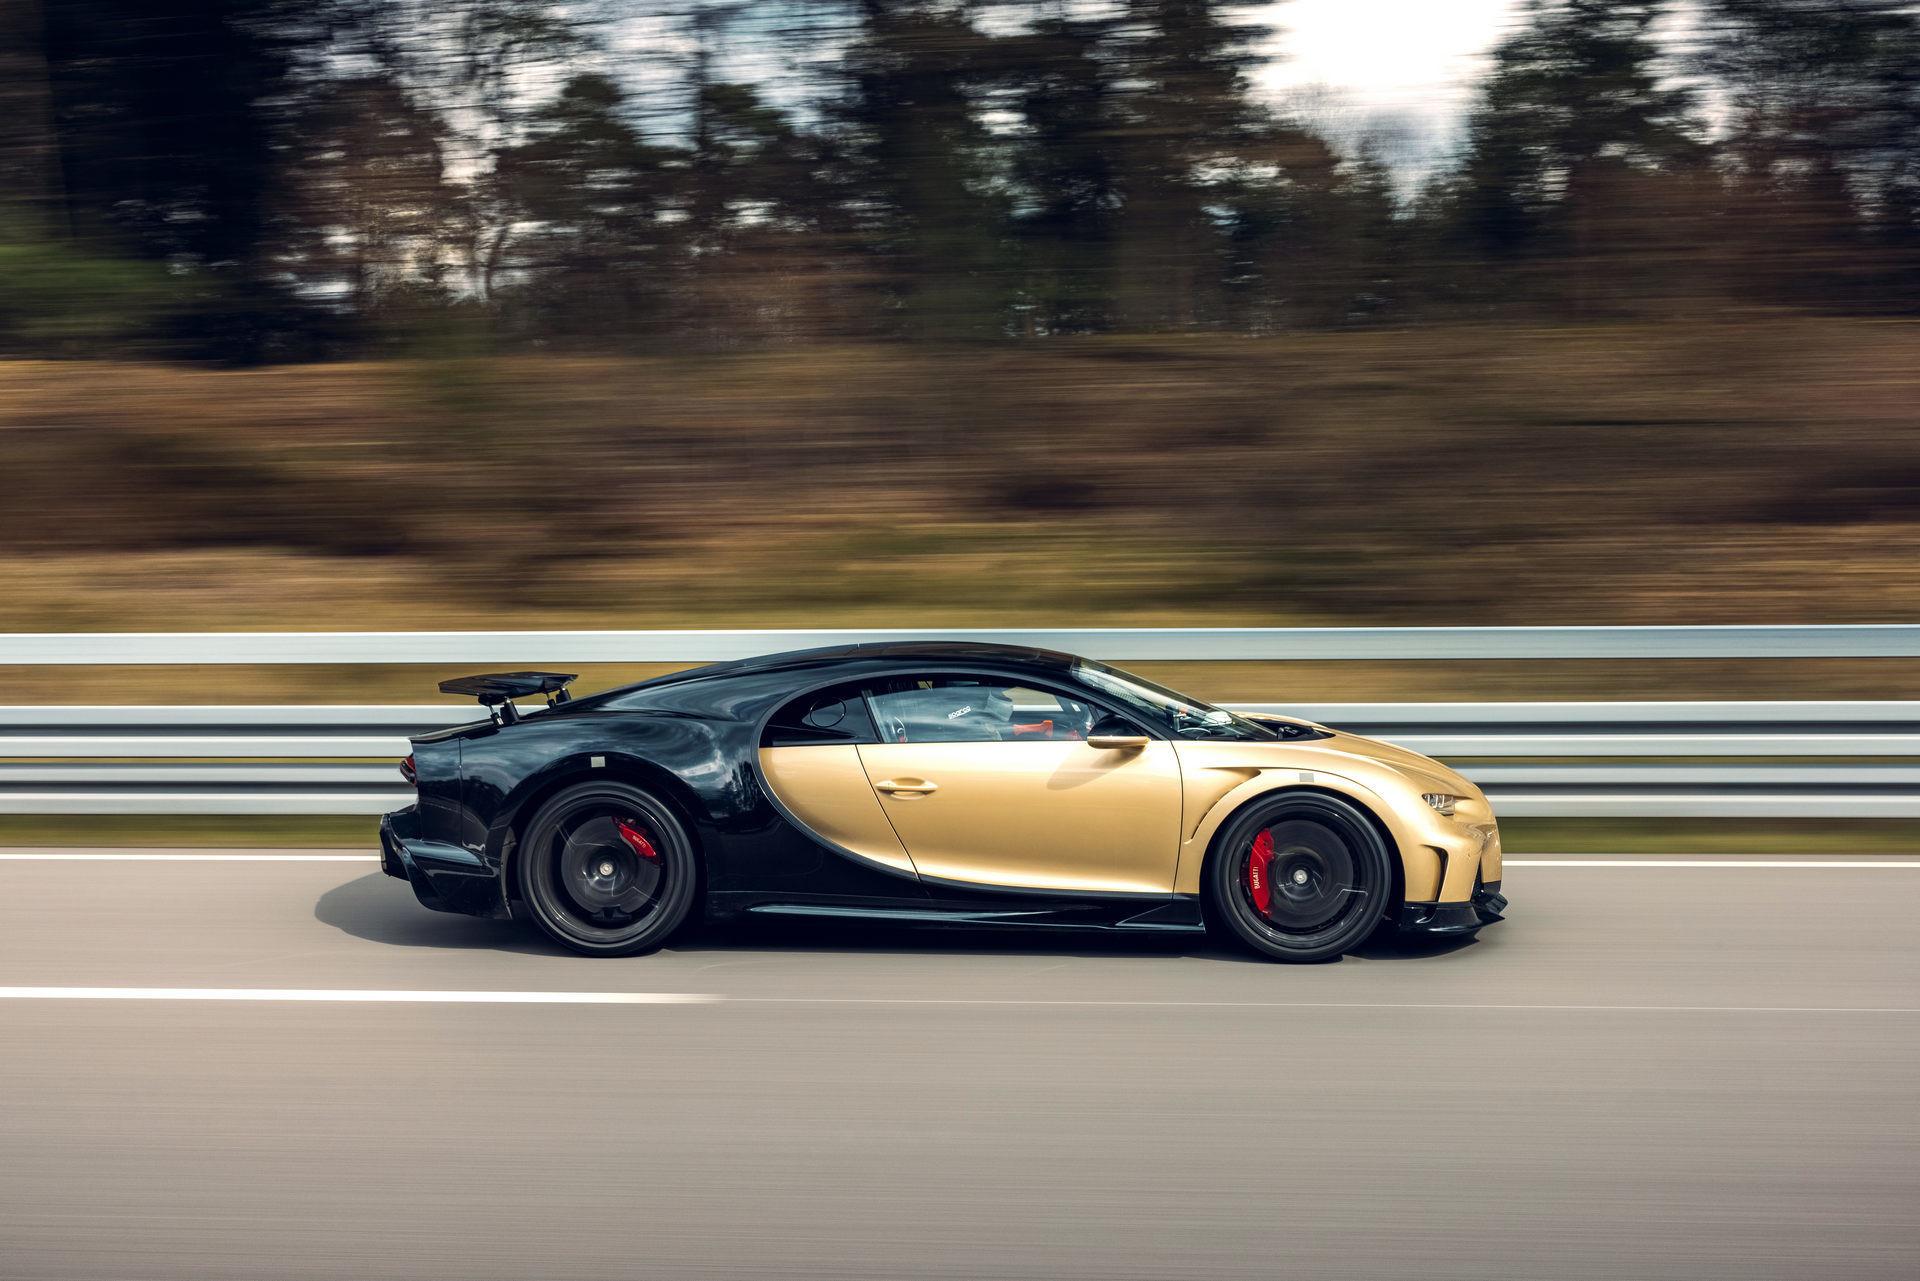 Hé lộ hình ảnh siêu xe Bugatti đang chạy thử với tốc độ 440 km/h-2